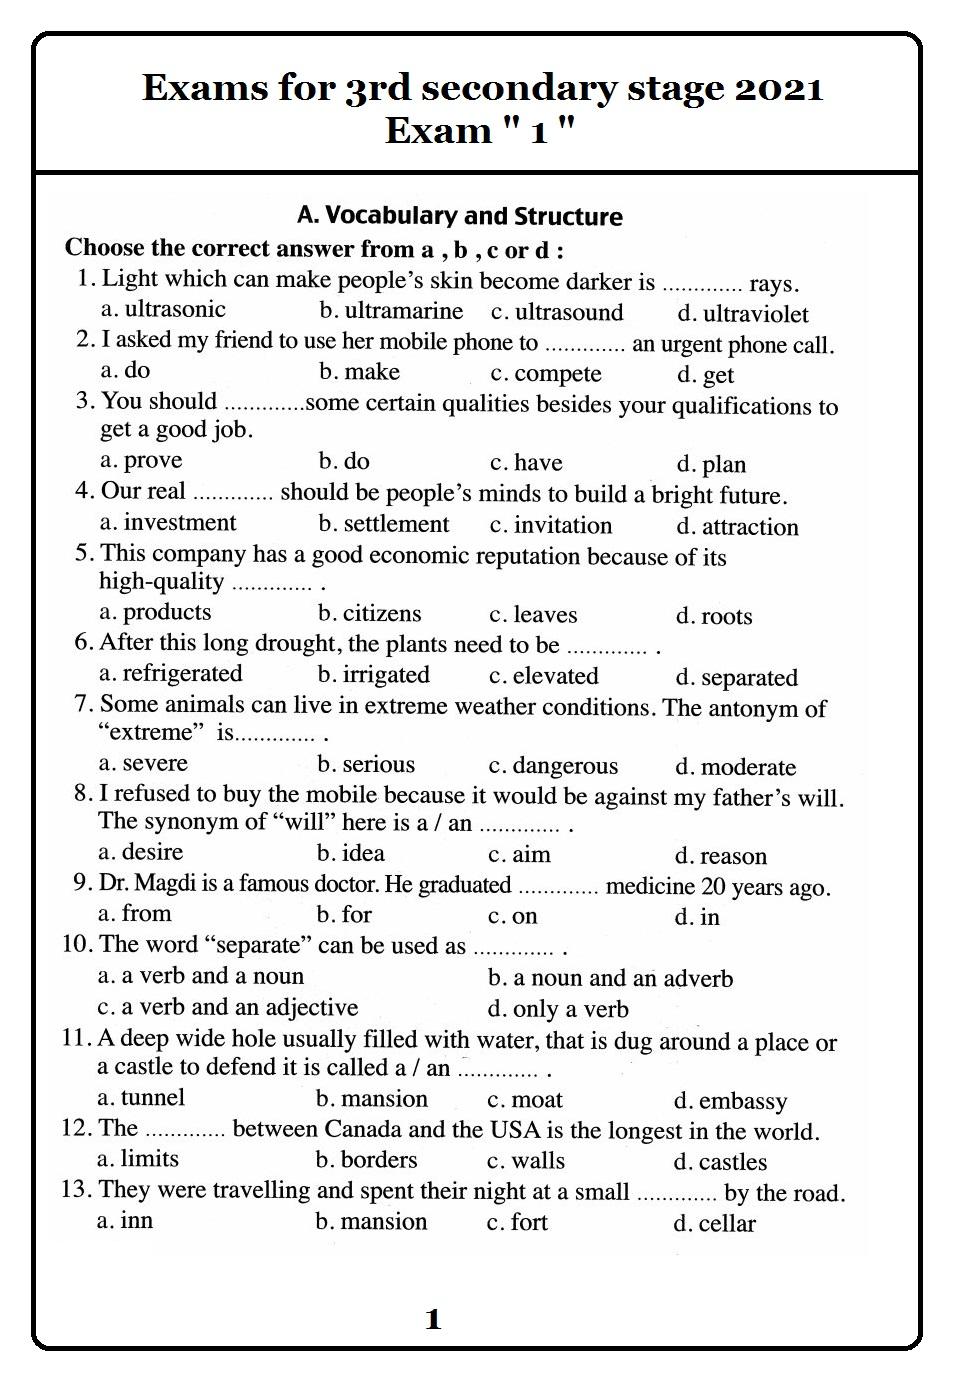 10امتحانات لغة إنجليزية على المنهج بالكامل حسب أحدث المواصفات للثانوية العامة 2021